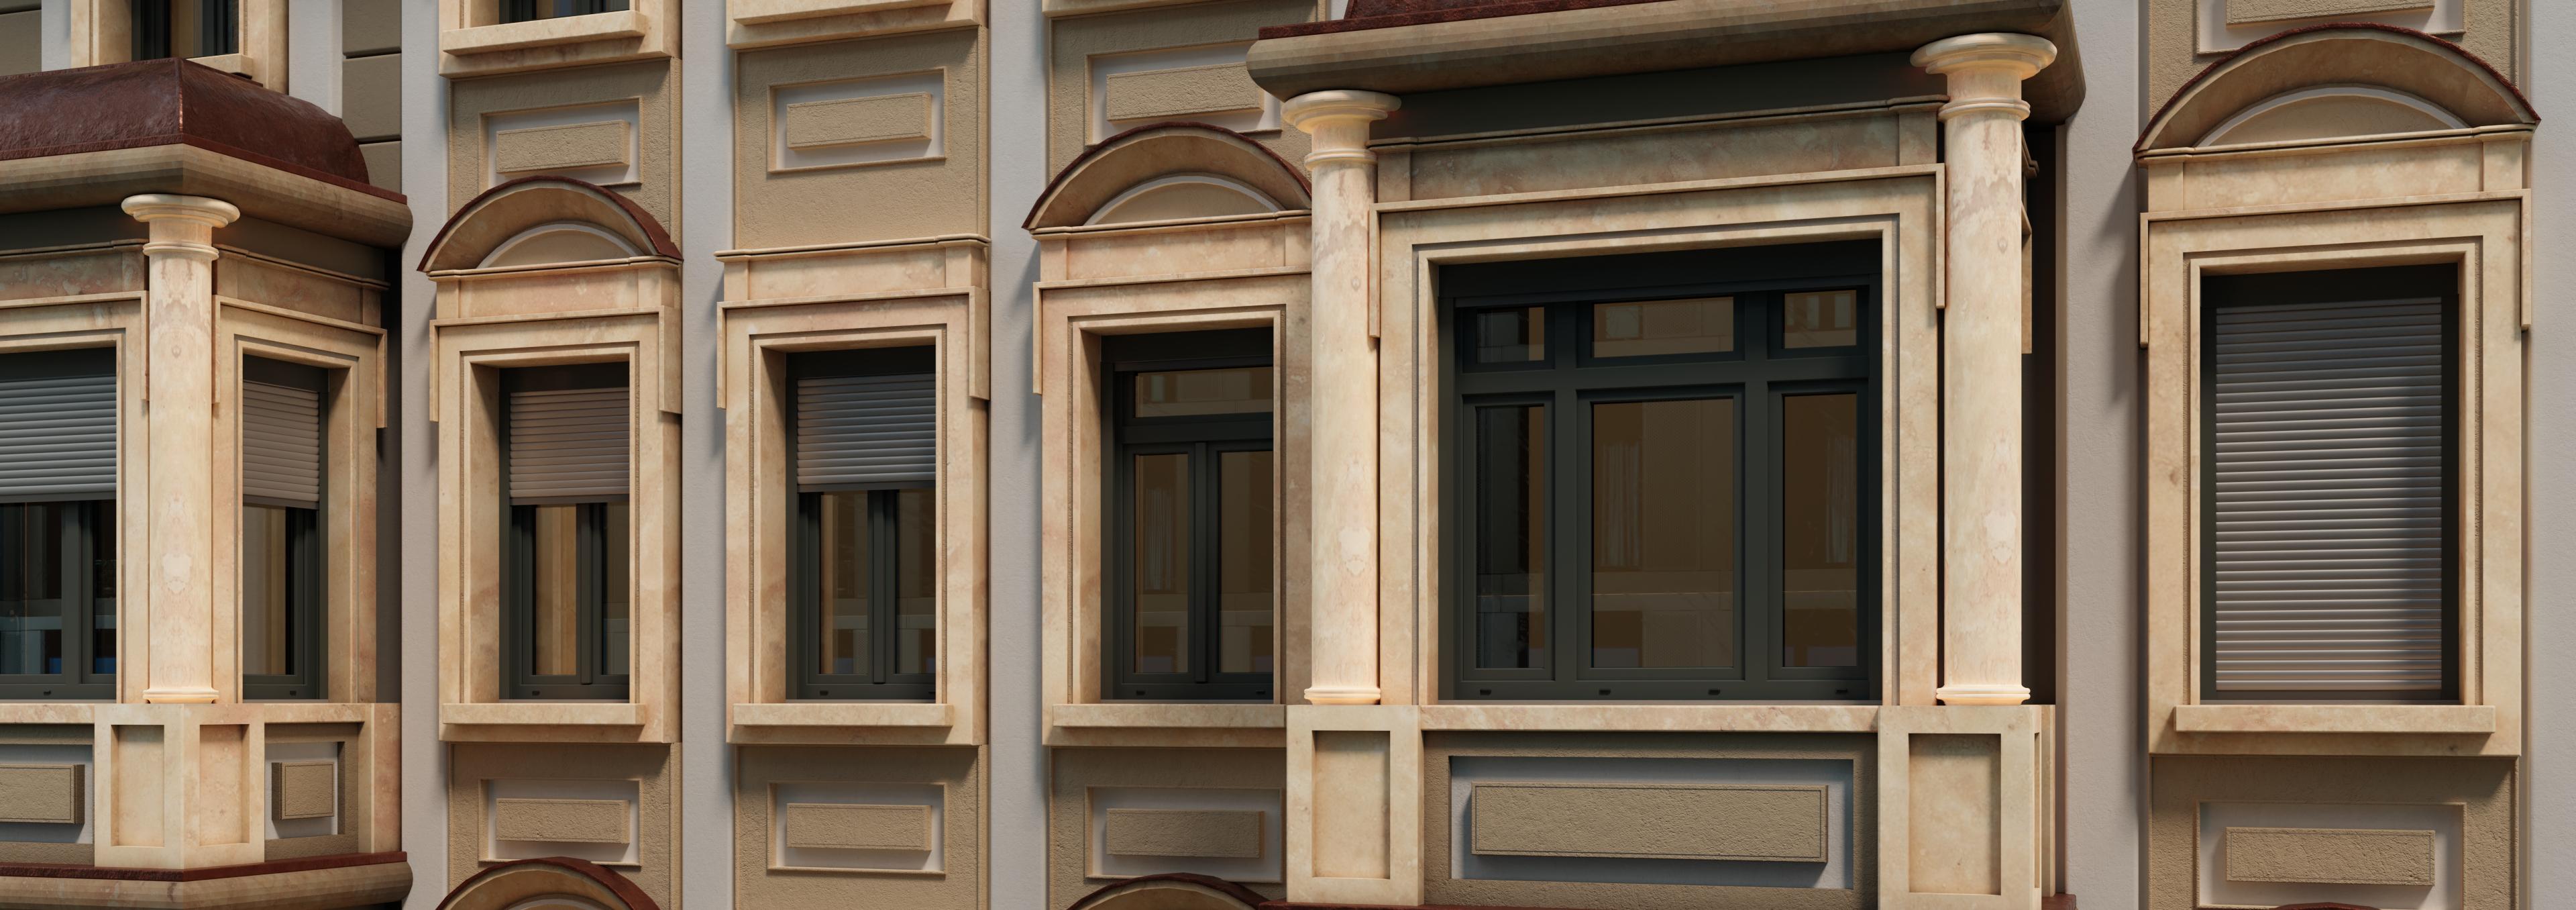 Full Size of Fenster Mit Rolladenkasten Smart Fensterwunder Integrierter Rollladen Blaurock Big Sofa Hocker Bettkasten Sichtschutzfolie Klebefolie Küche U Form Theke Velux Fenster Fenster Mit Rolladenkasten